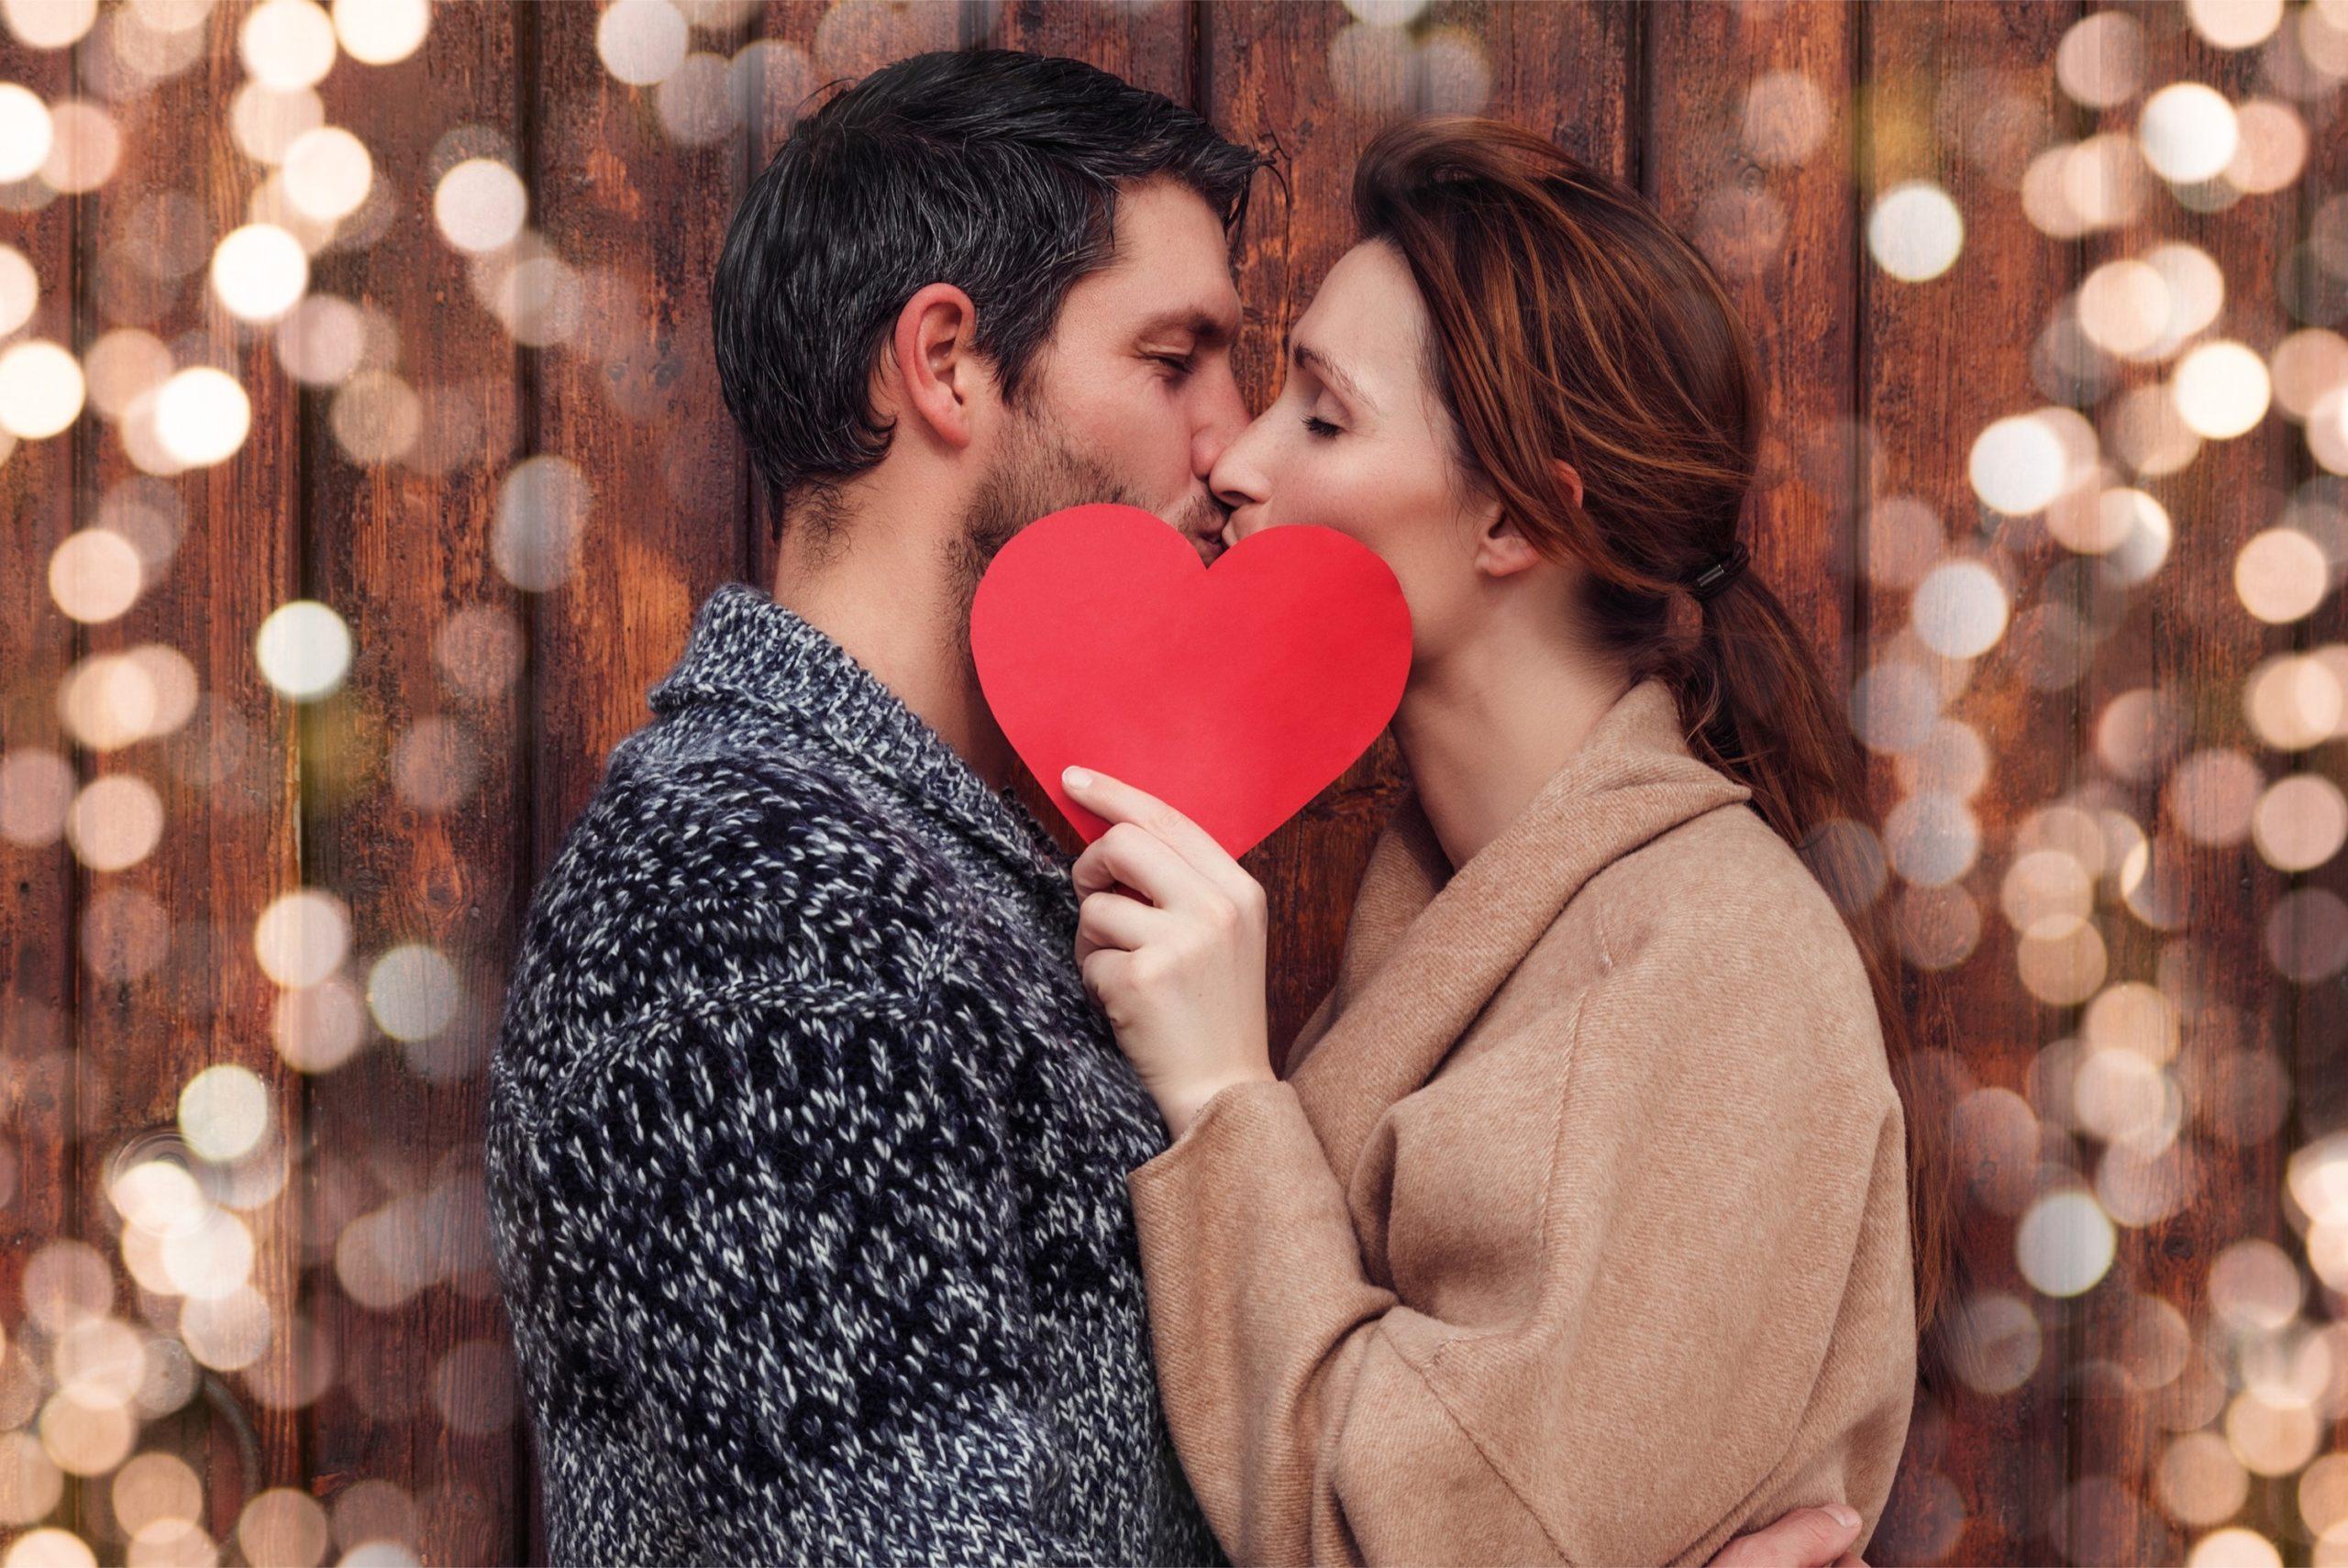 L'amour est dans l'air!